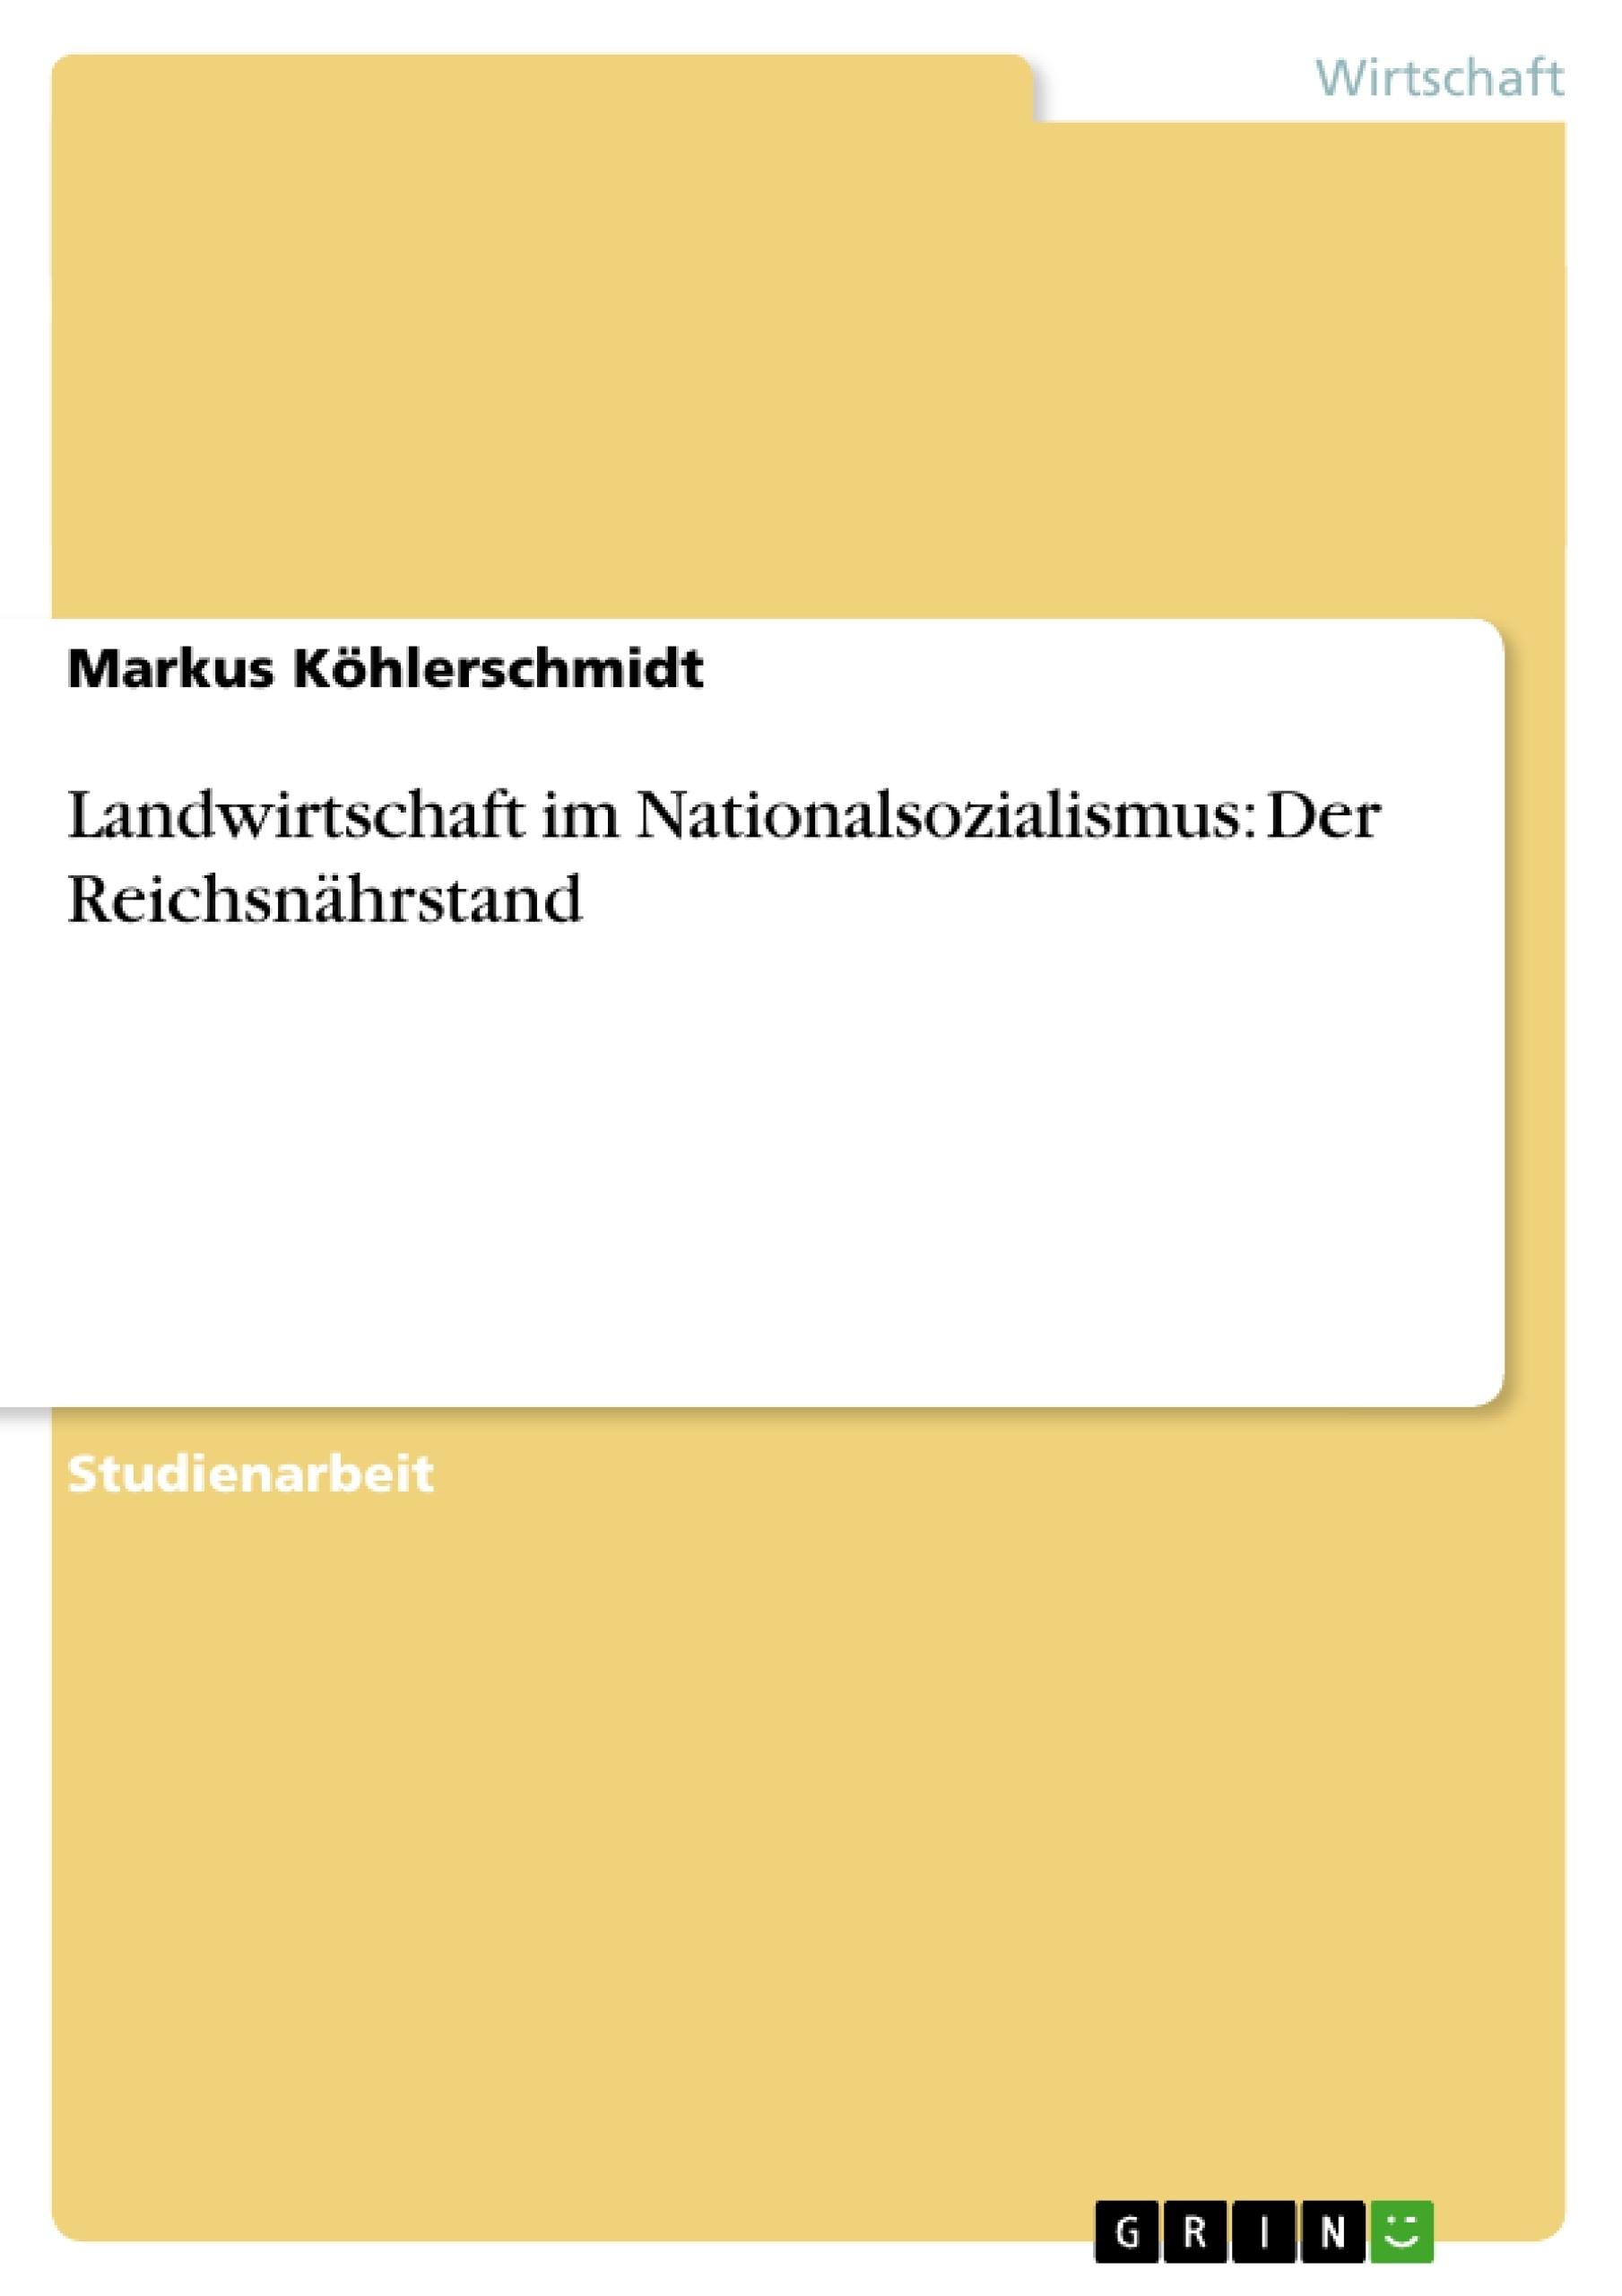 Titel: Landwirtschaft im Nationalsozialismus: Der Reichsnährstand